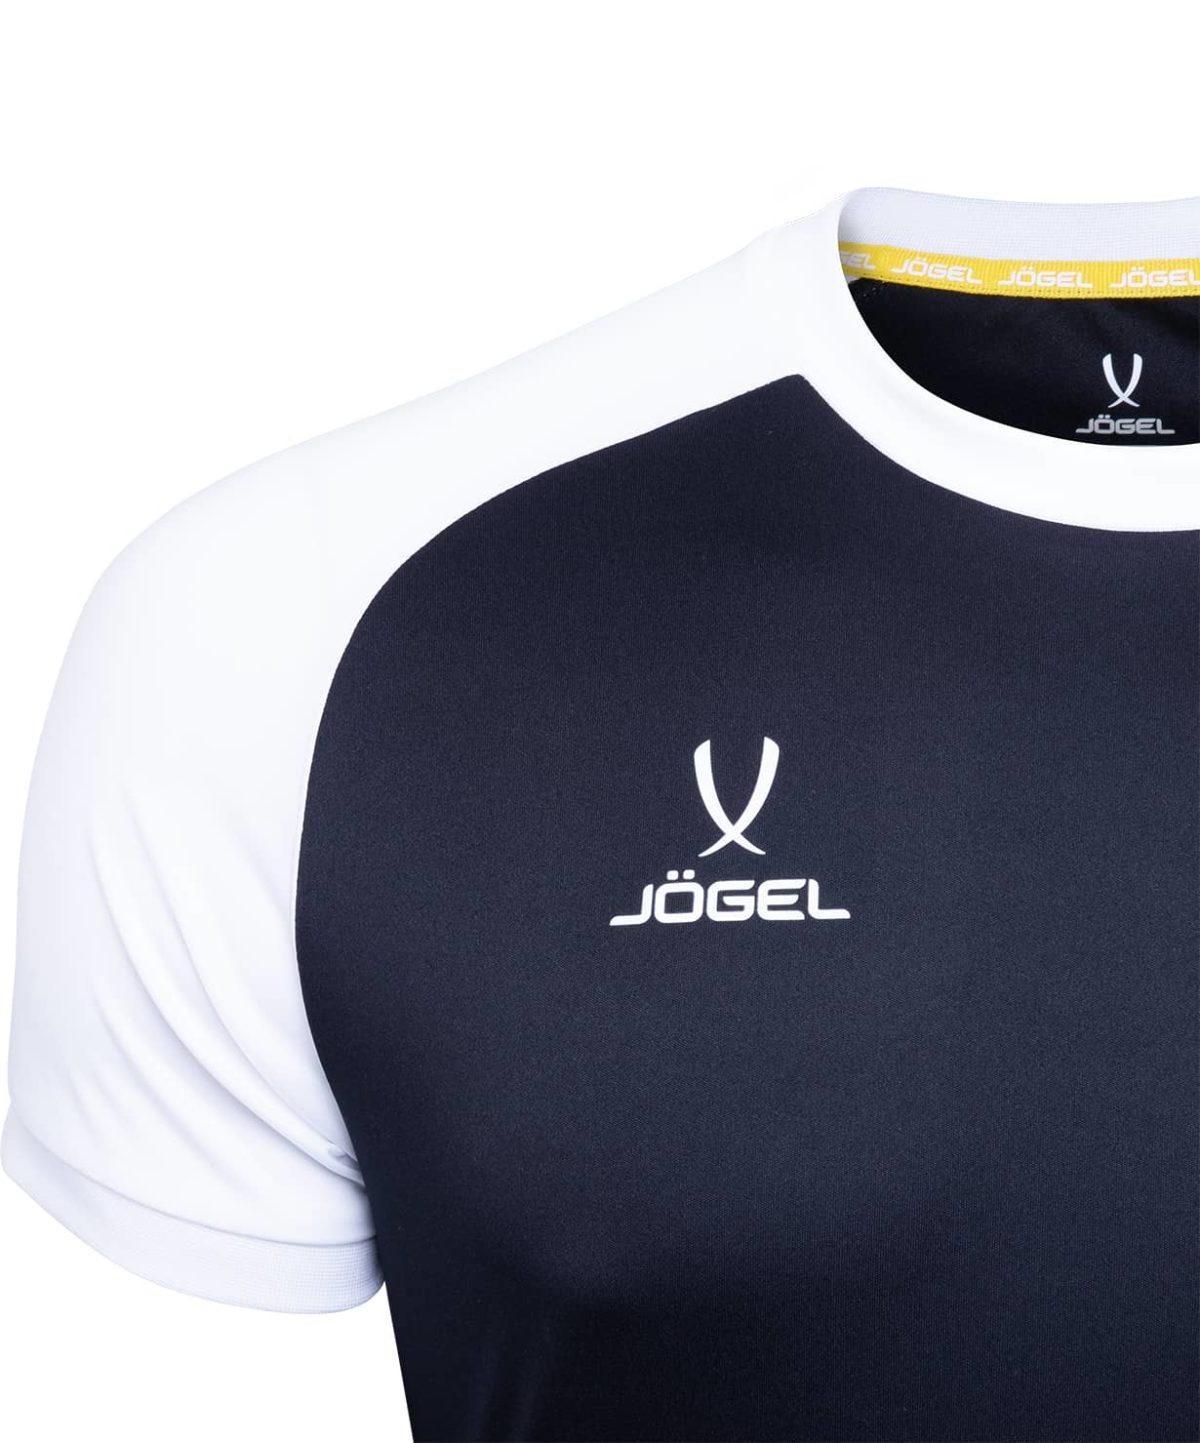 JOGEL CAMP Reglan футболка футбольная детская, черный/белый  JFT-1021-019-K - 3